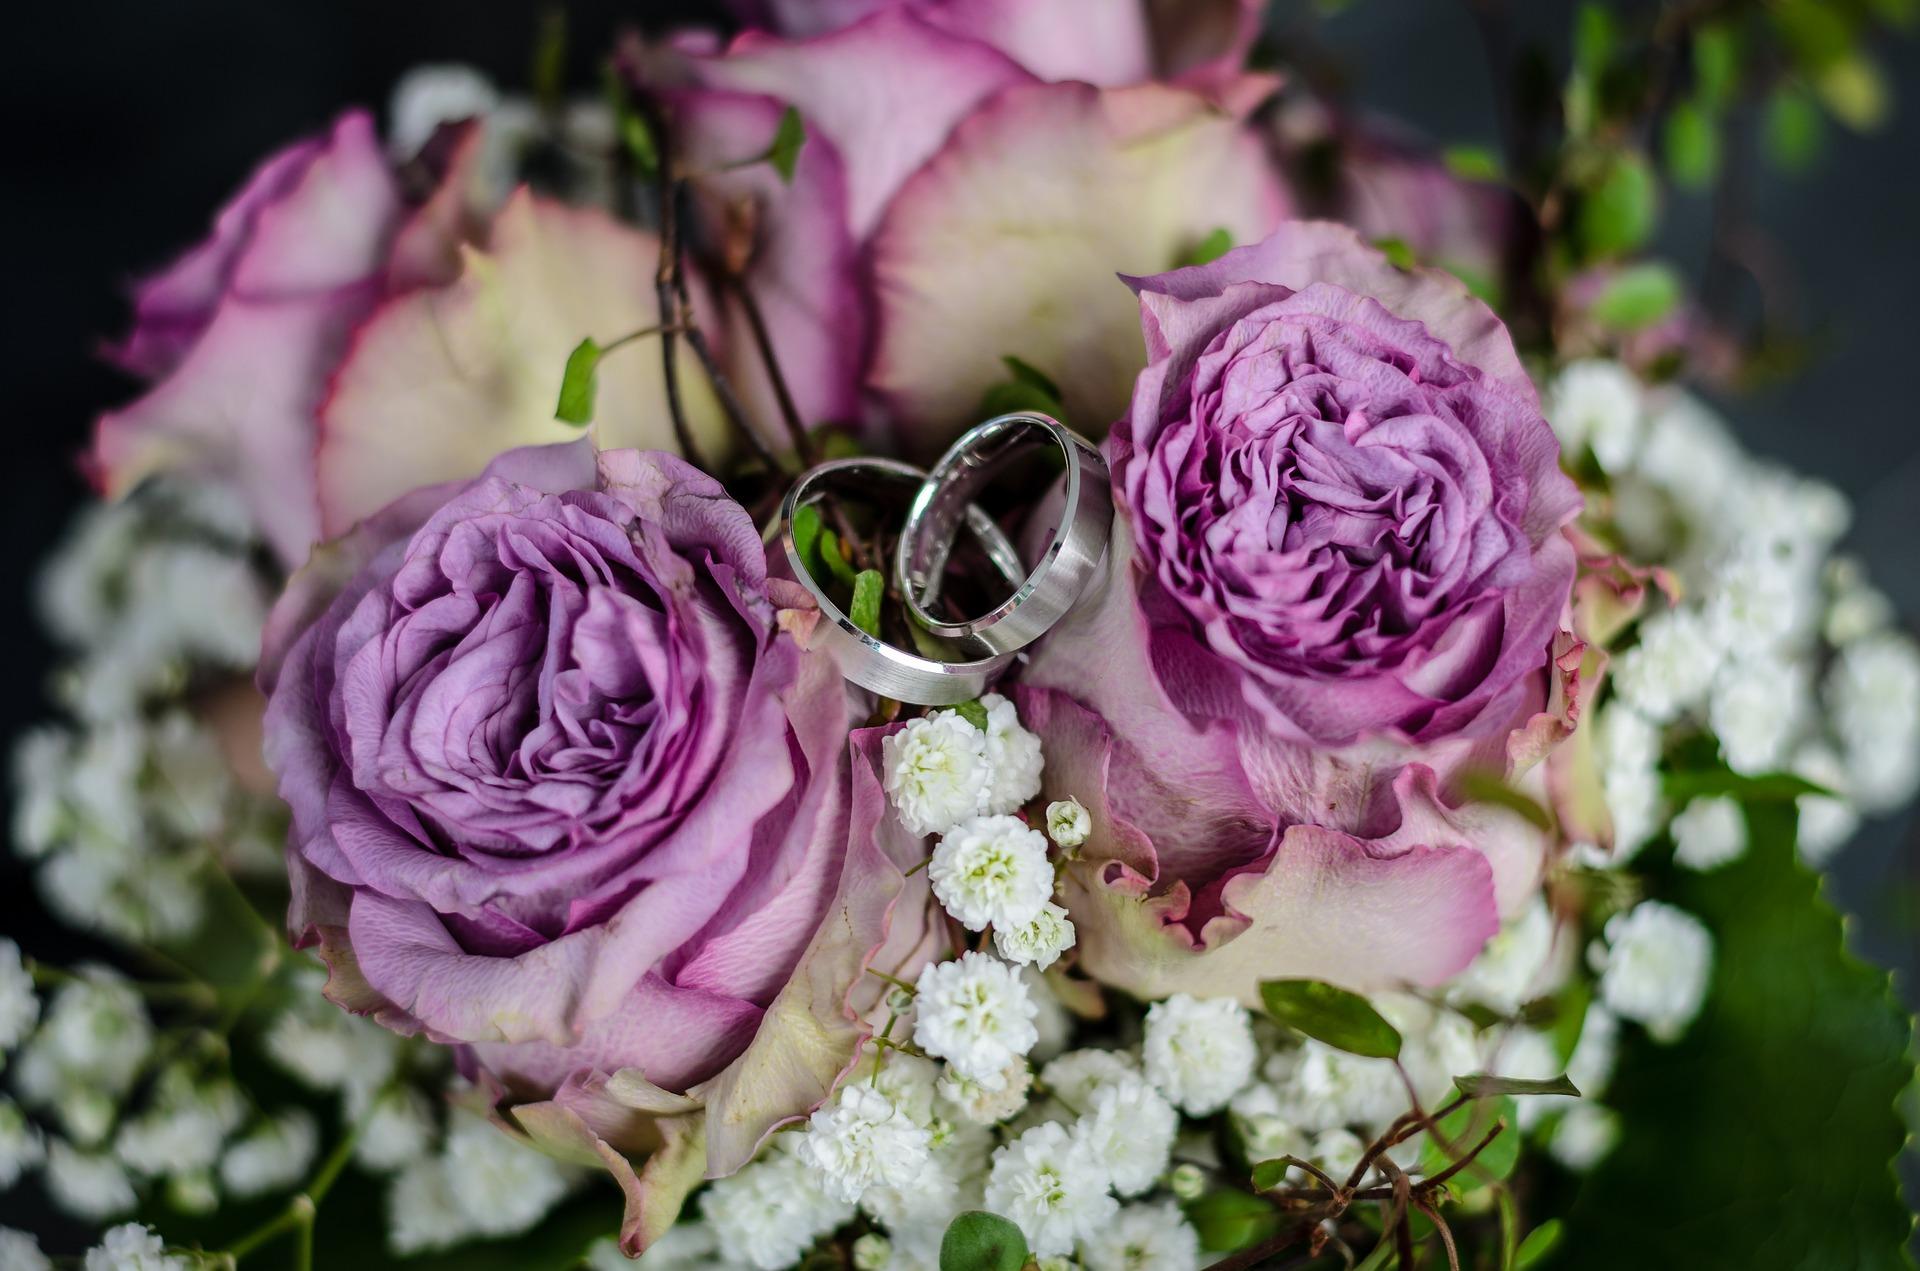 بالصور اجمل بوكيه ورد , اجمل الورود 2019 3254 5